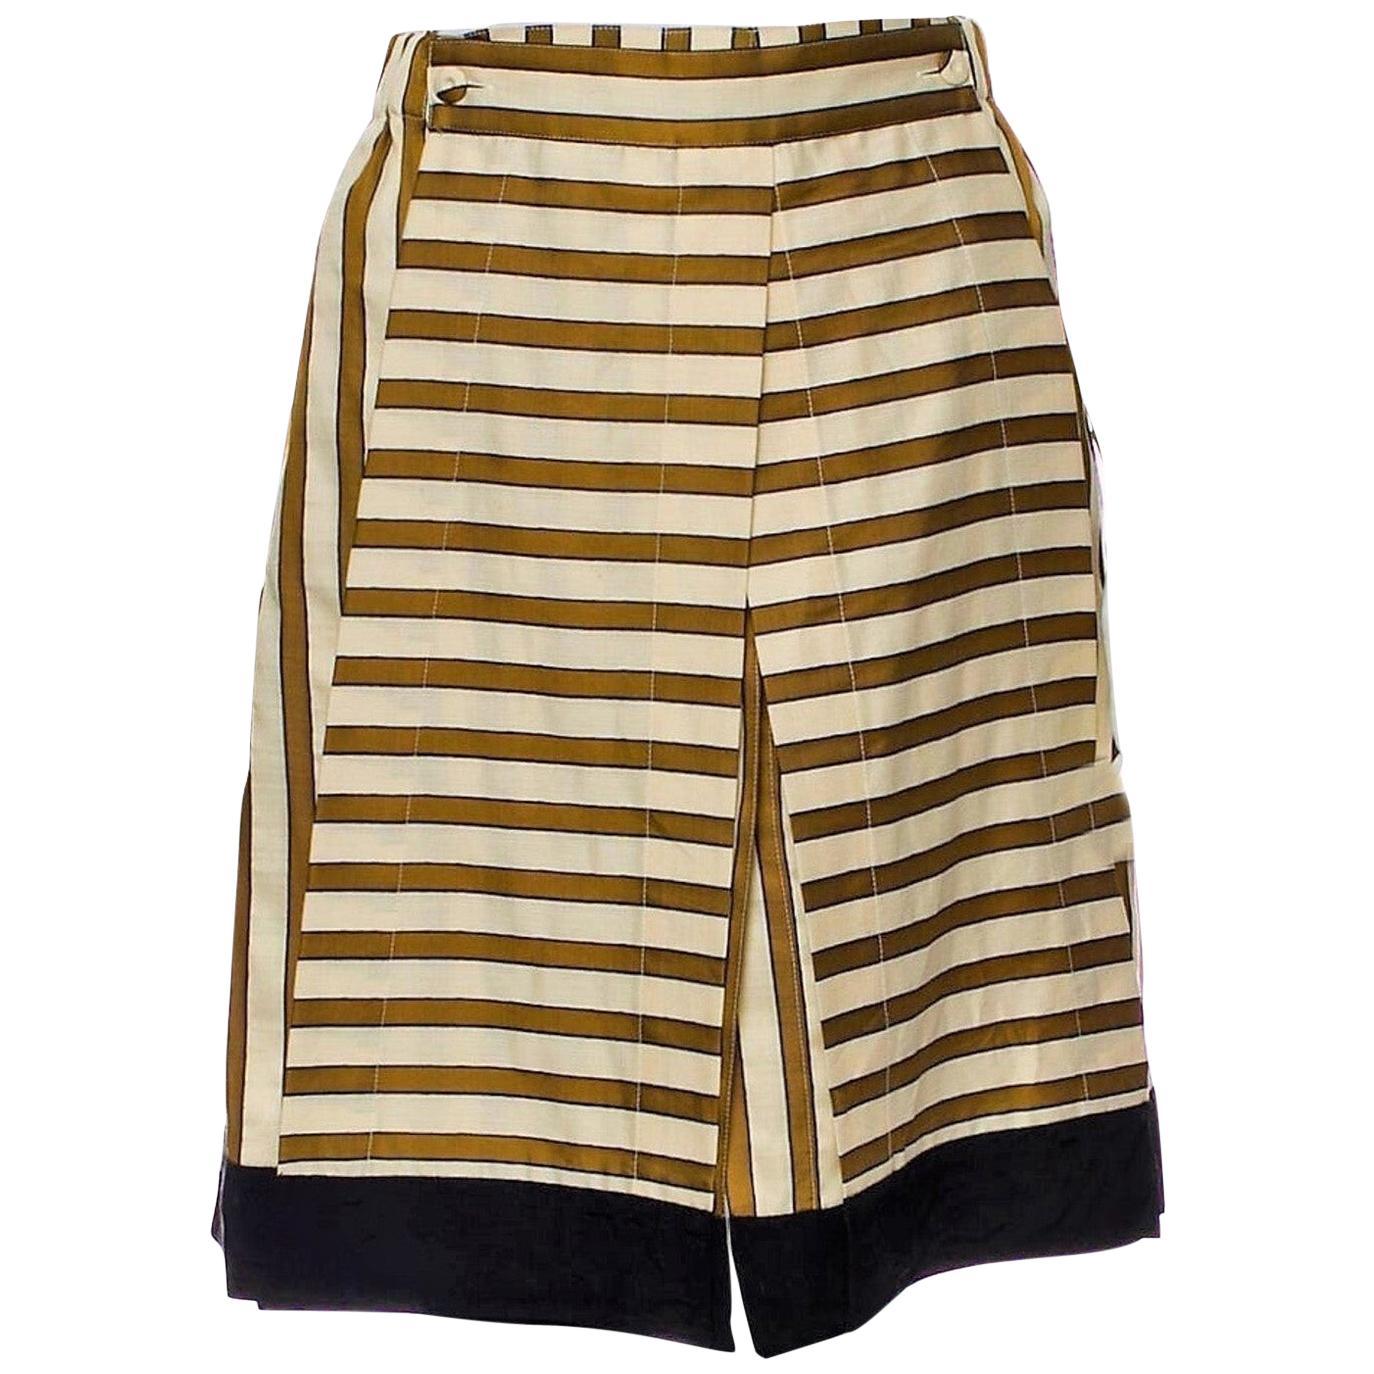 New Rare Fendi Karl Lagerfeld Runway Skirt S/S 2012  $1210